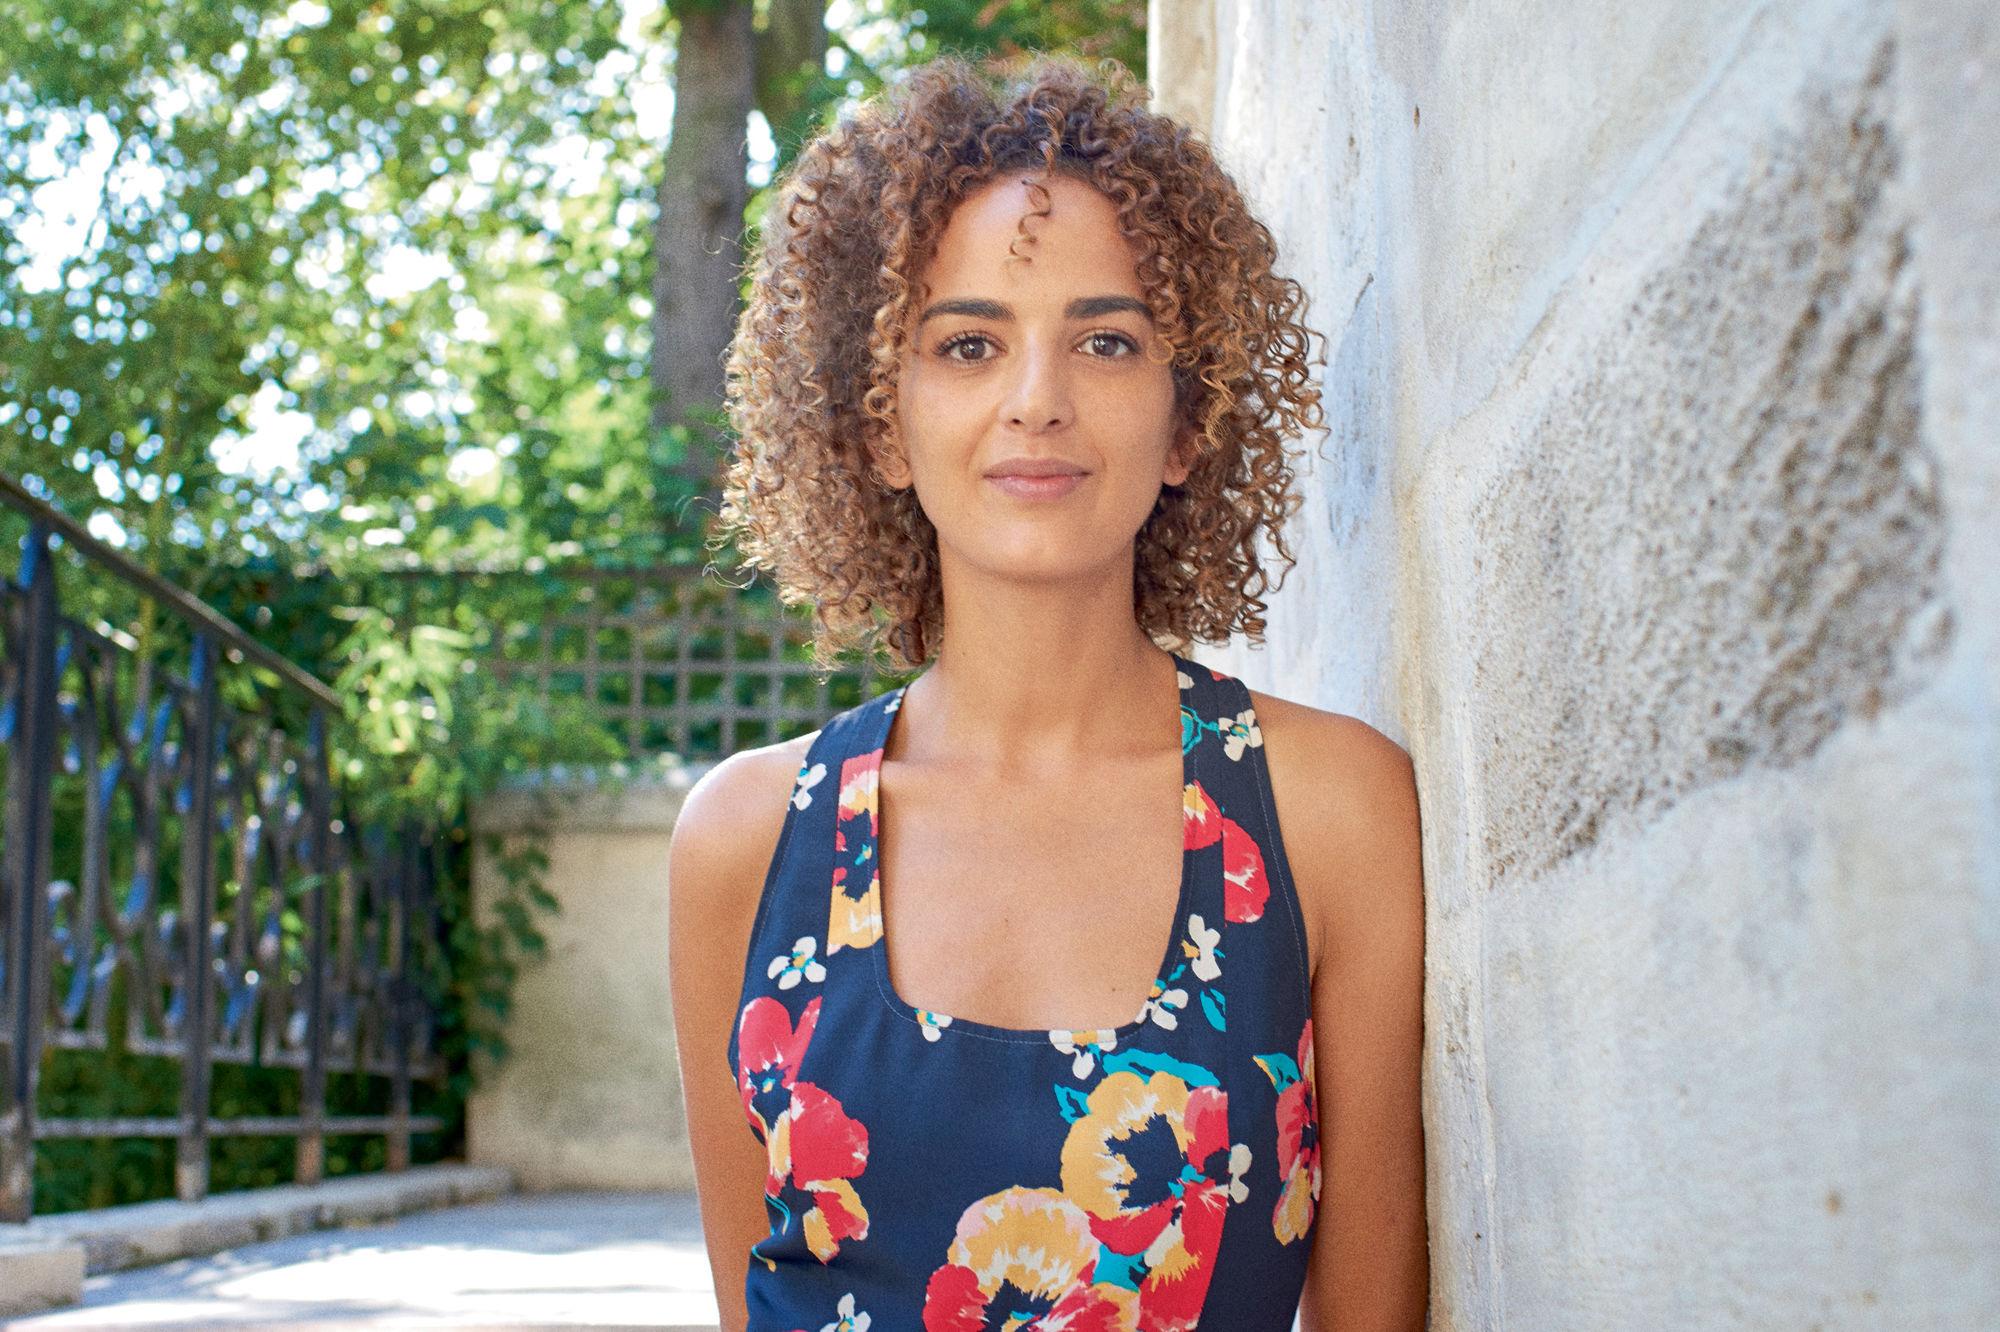 L'écrivaine franco-marocaine Leïla Slimani lauréate du Goncourt 2016.